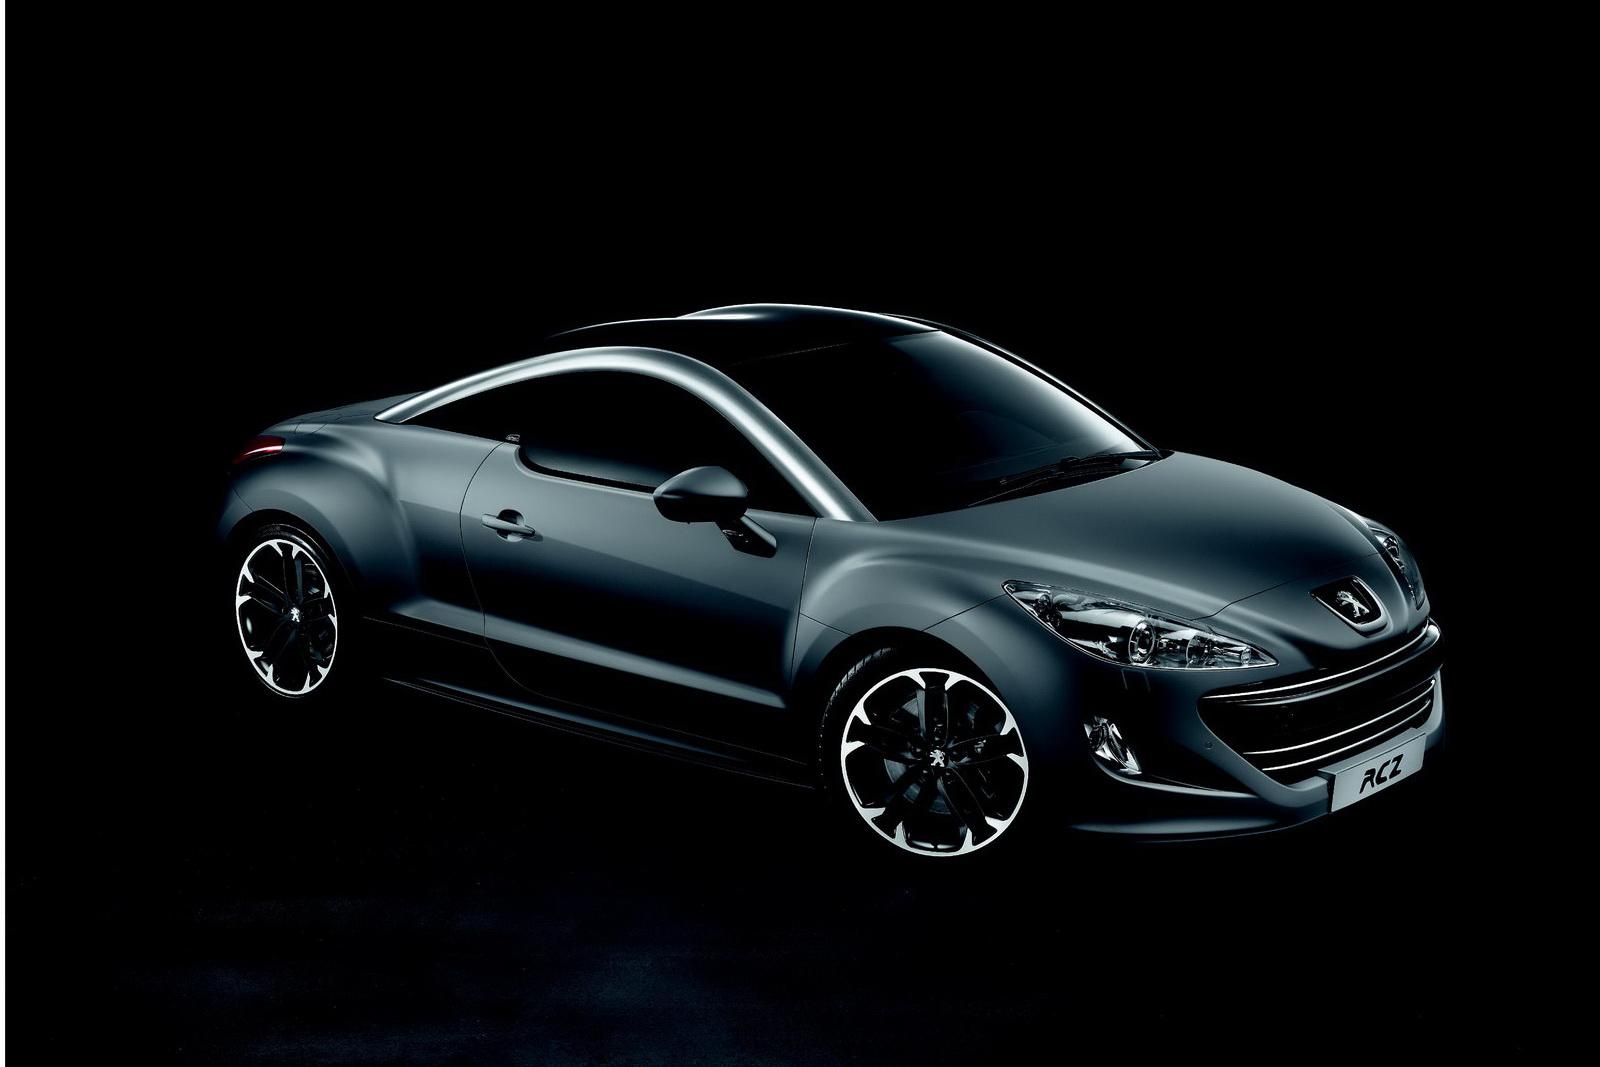 http://2.bp.blogspot.com/-wBi26ChU1k4/TguAsGikPII/AAAAAAAAJw4/j_a8IuxNRsI/s1600/Peugeot%2BLimited%2BEdition%2BRCZ%2BAsphalt%2B01.jpg